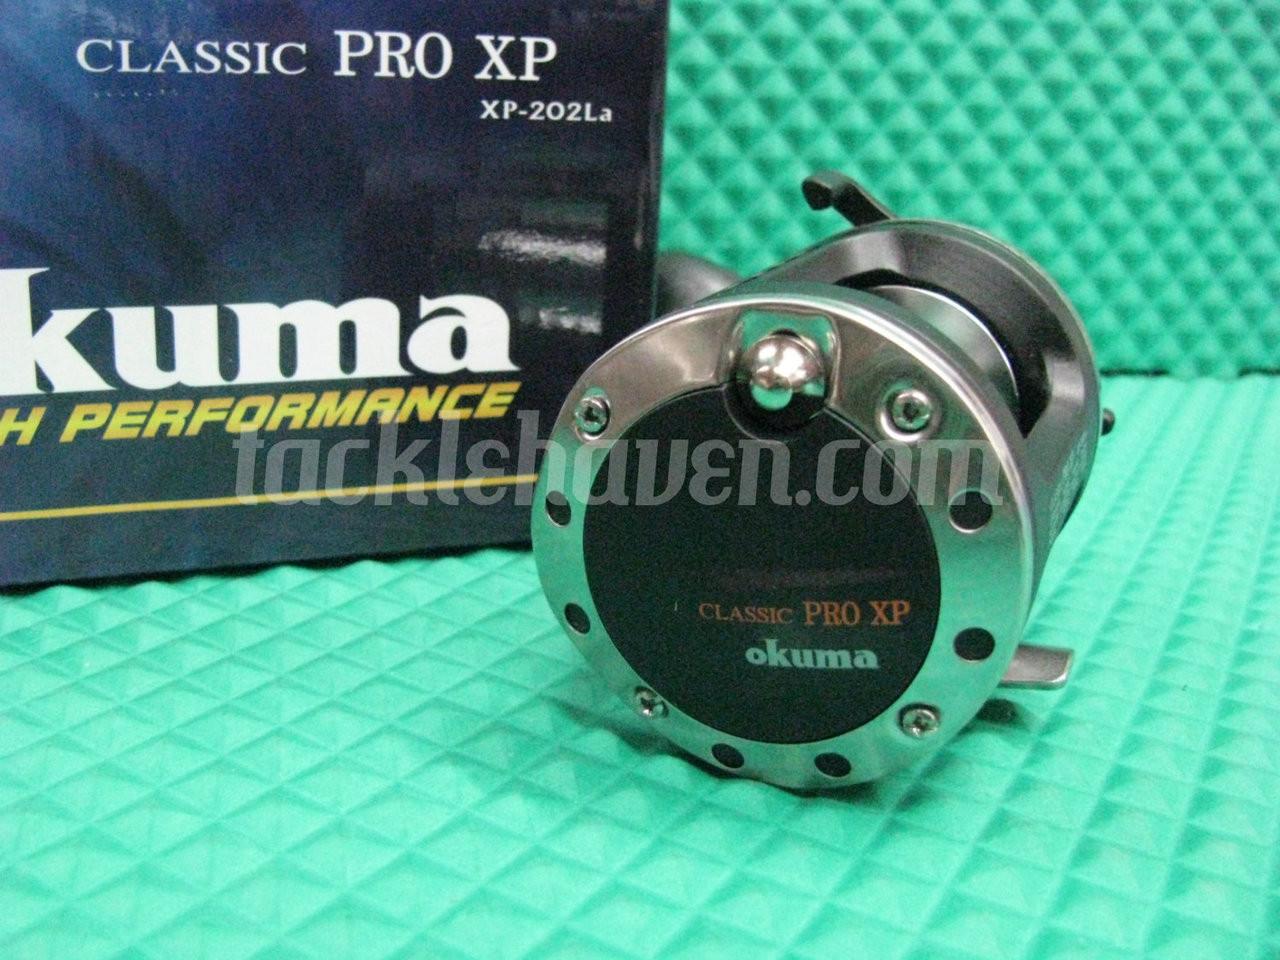 49690 Okuma Classic Pro XP-302La Reel